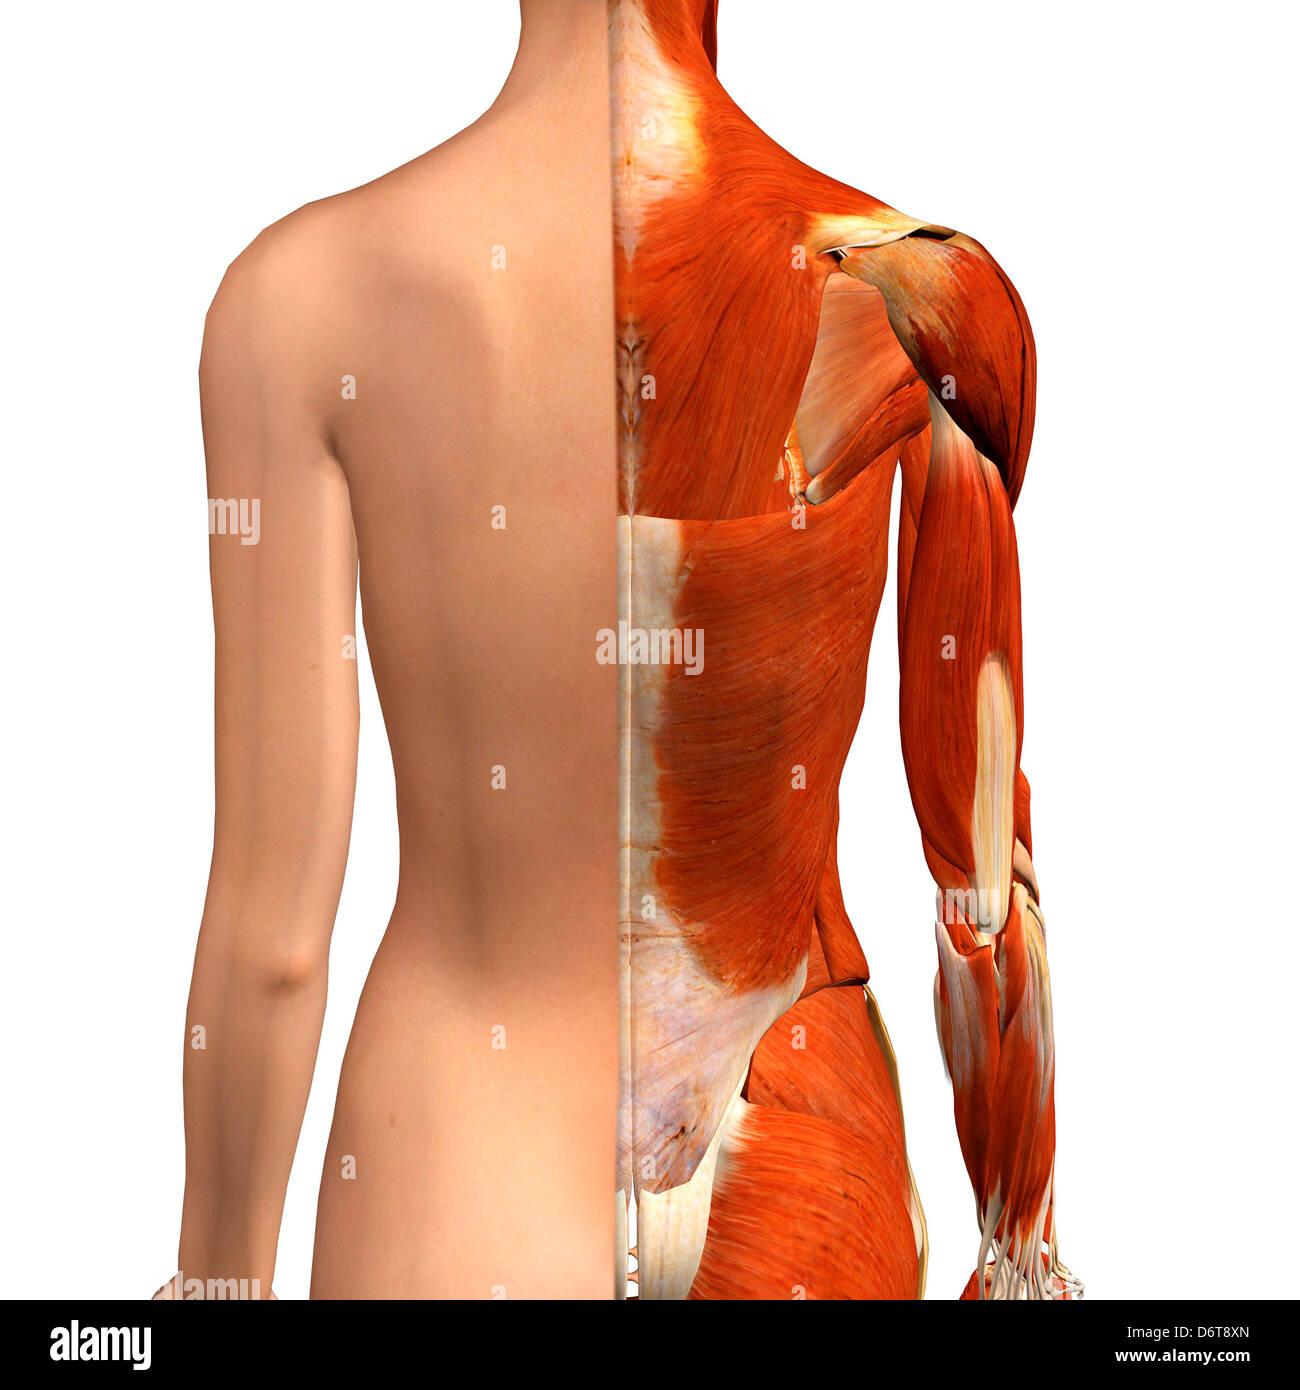 Querschnitt Anatomie der weiblichen Schulter- und Rückenmuskulatur ...